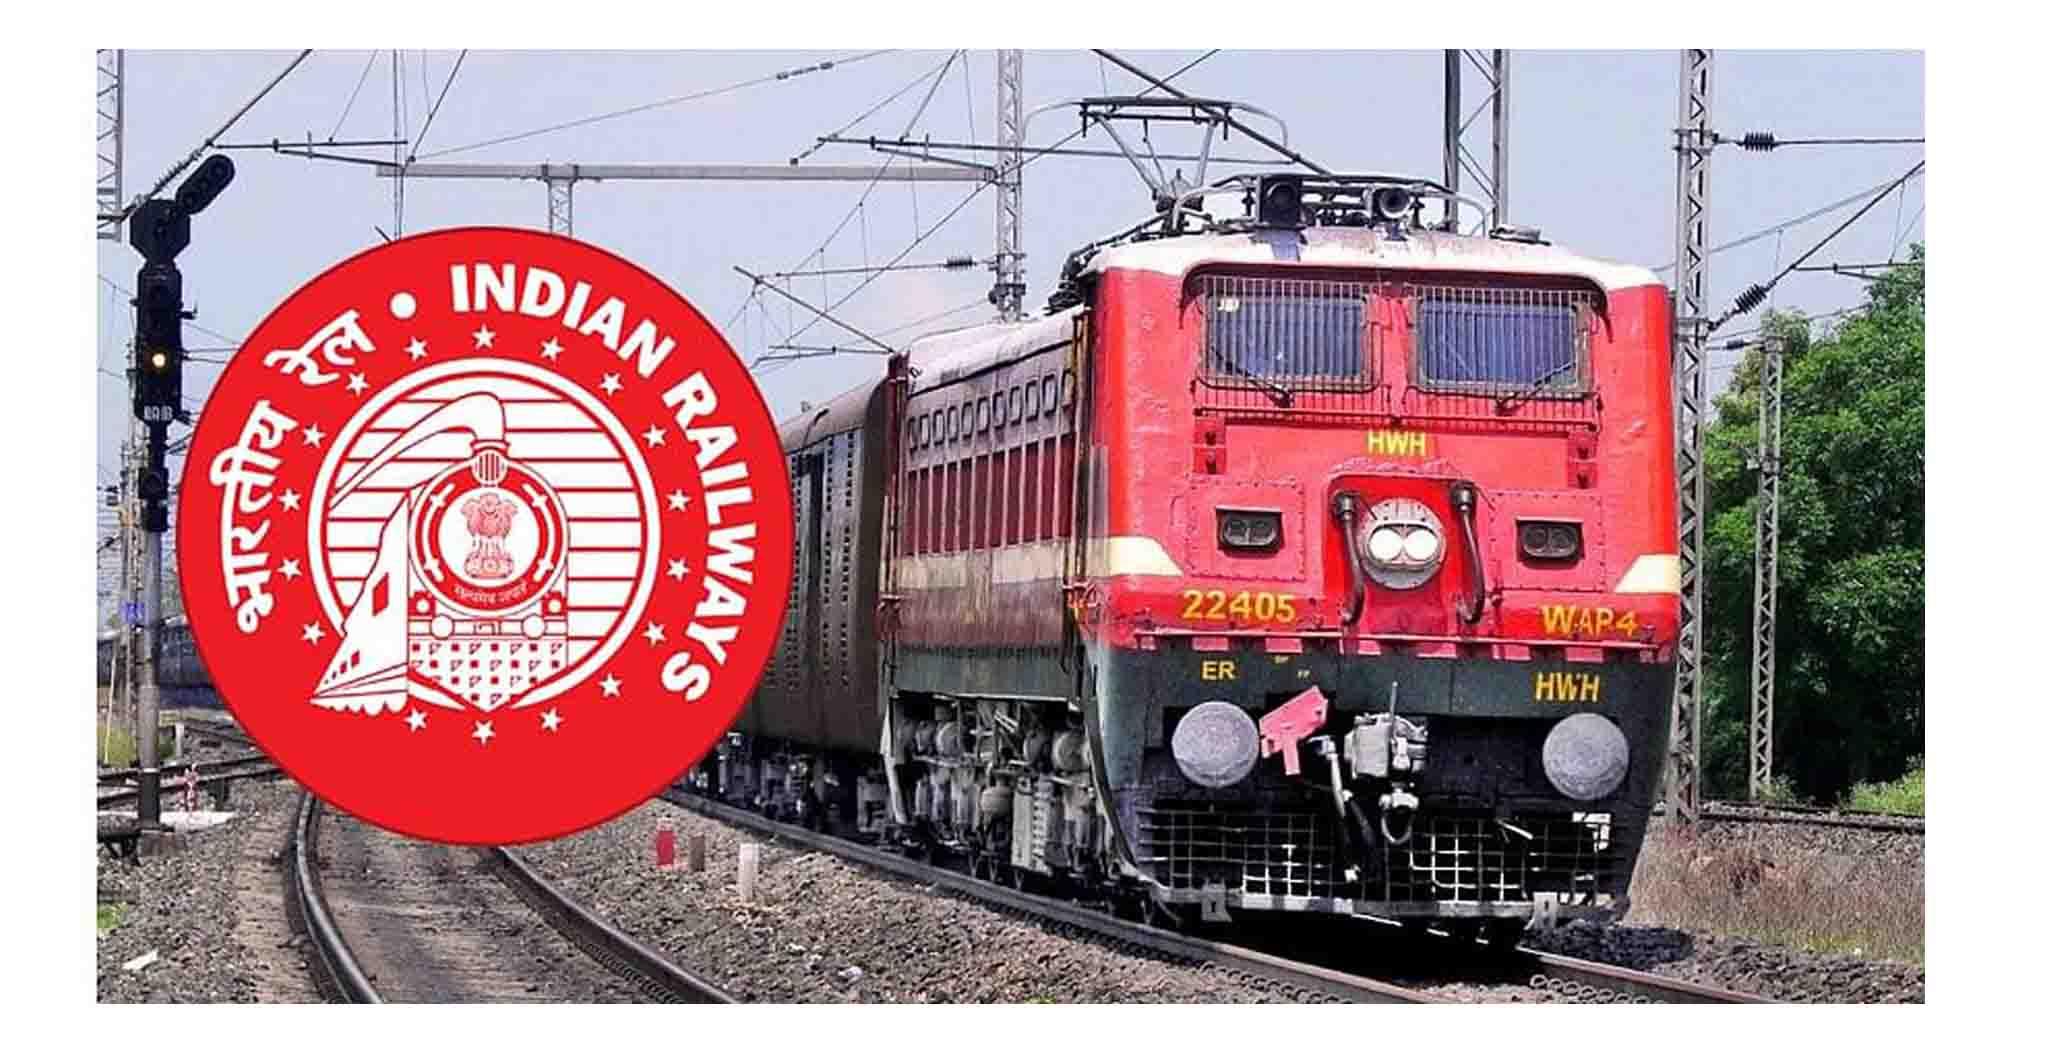 https://secr.indianrailways.gov.in/view_section.jsp?fontColor=black&backgroundColor=LIGHTSTEELBLUE&lang=0&id=0,4,382,656